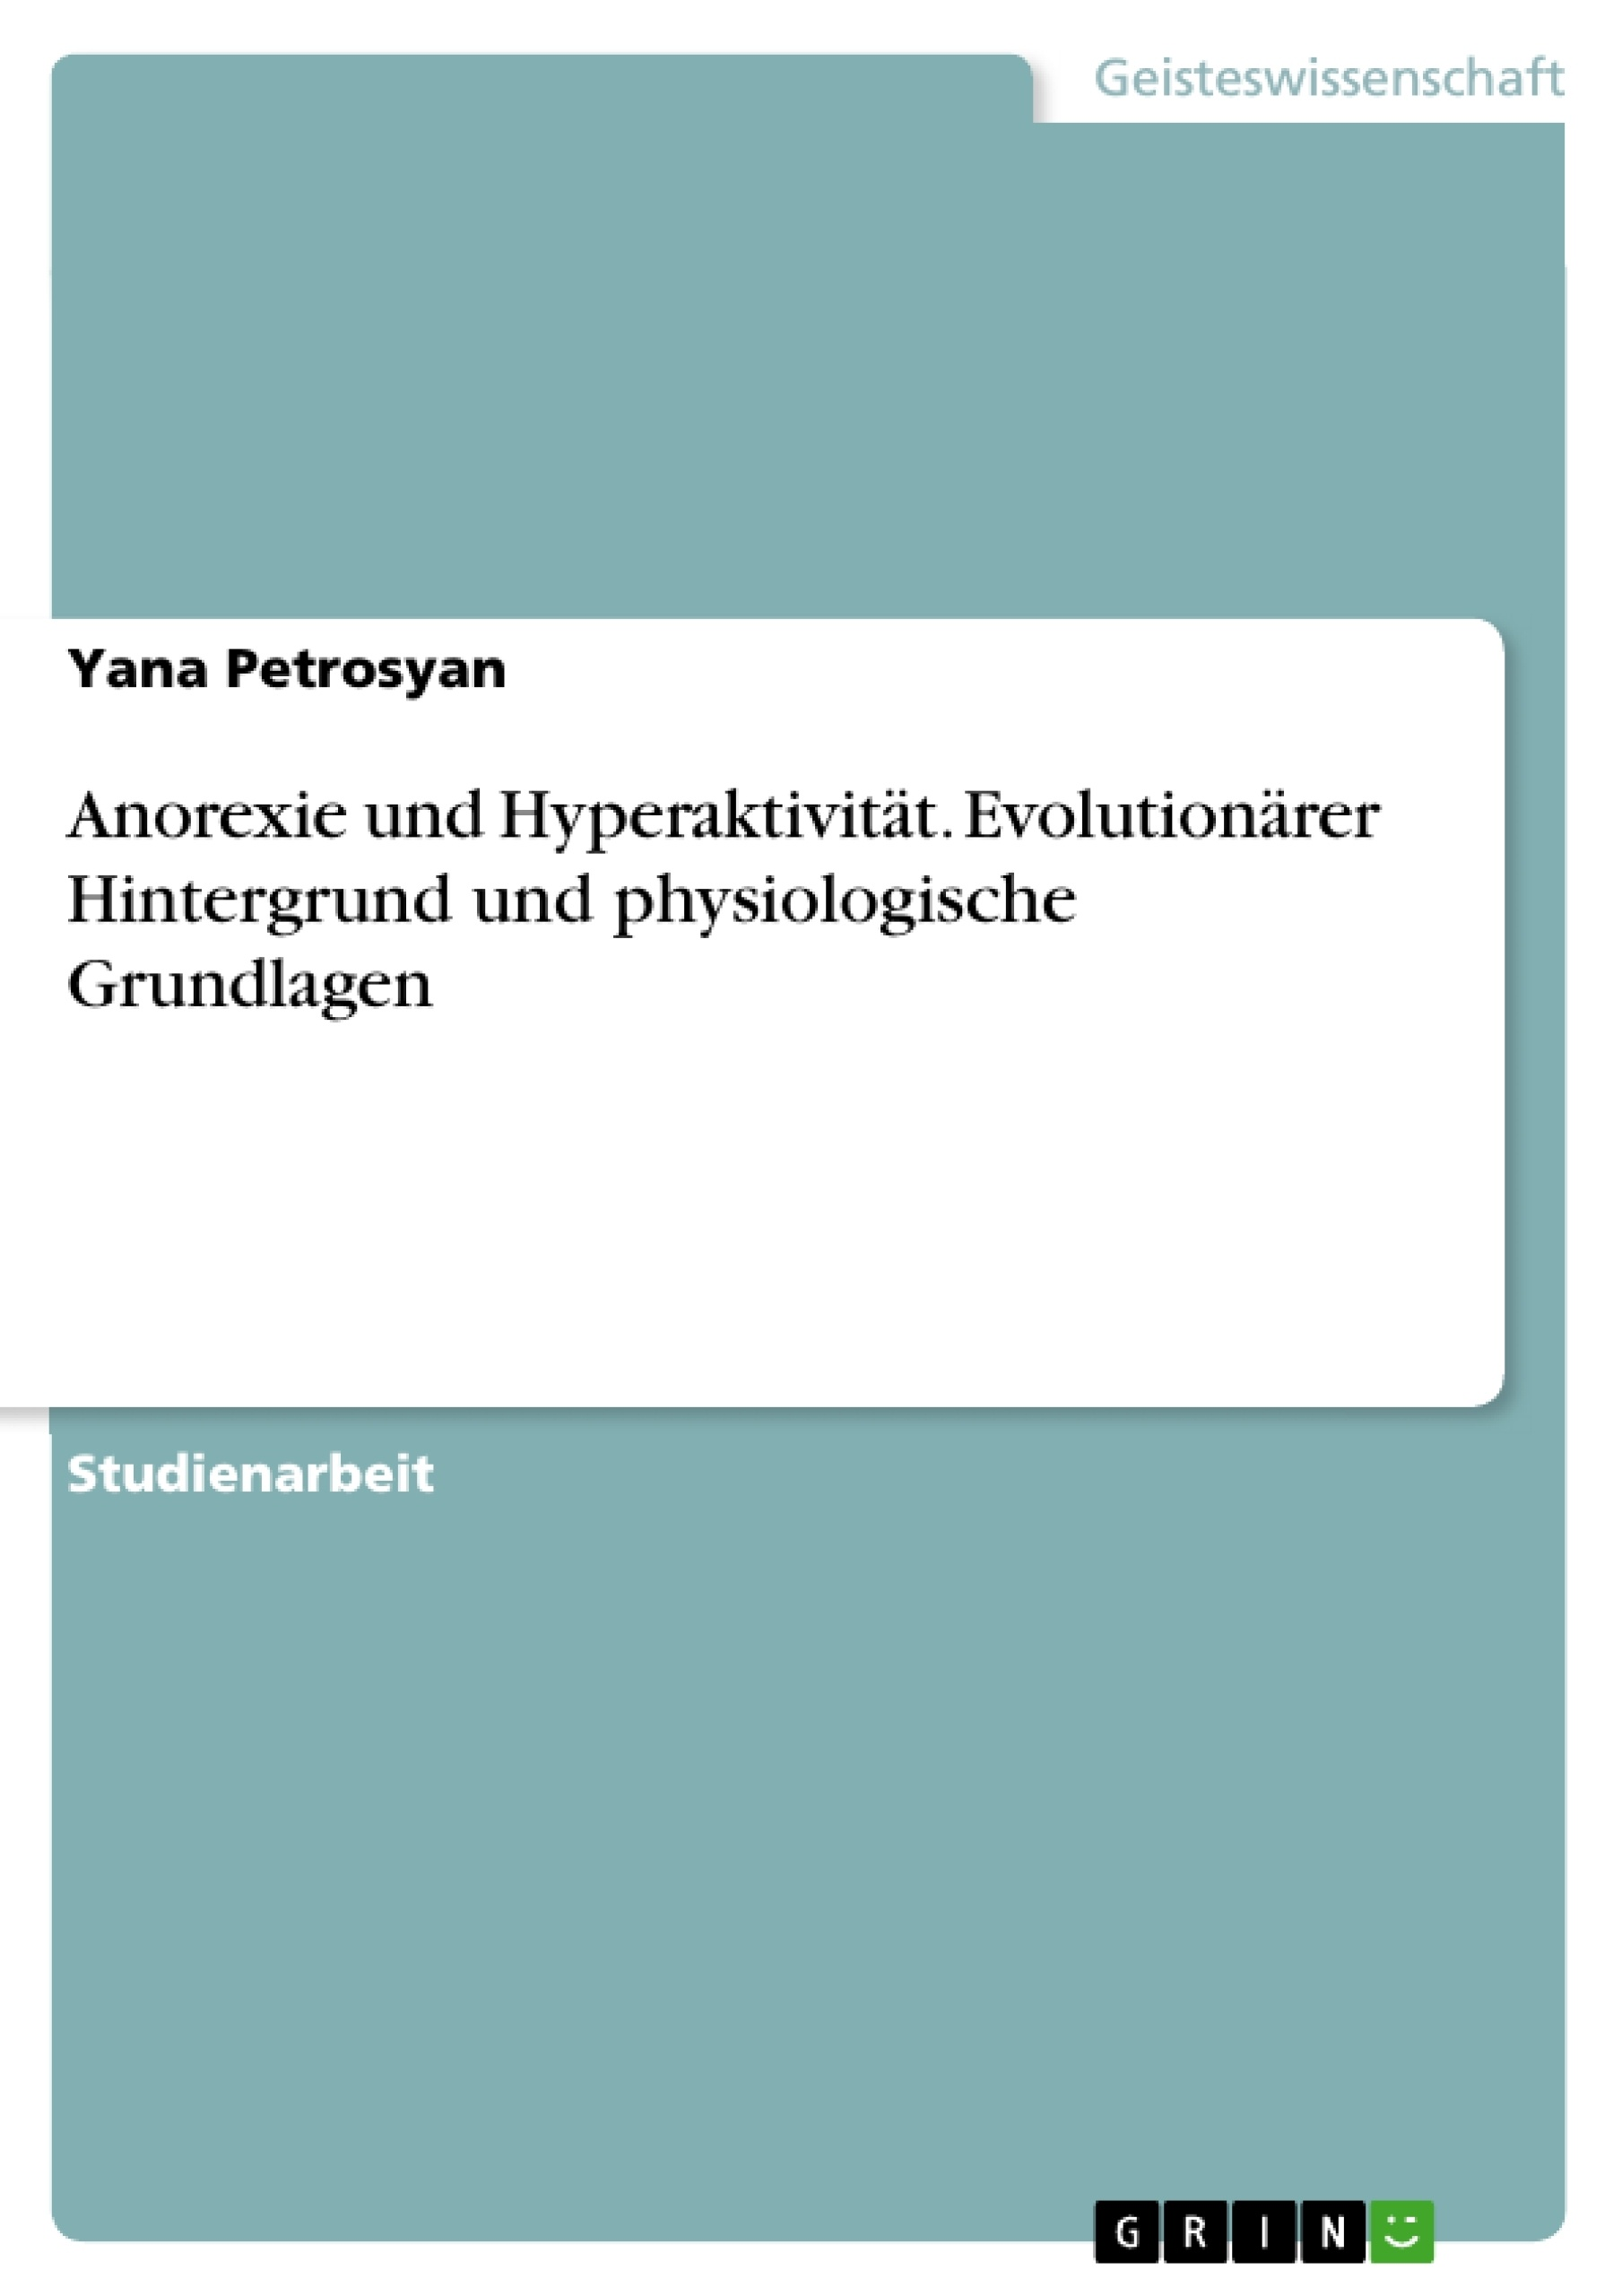 Titel: Anorexie und Hyperaktivität. Evolutionärer Hintergrund und physiologische Grundlagen